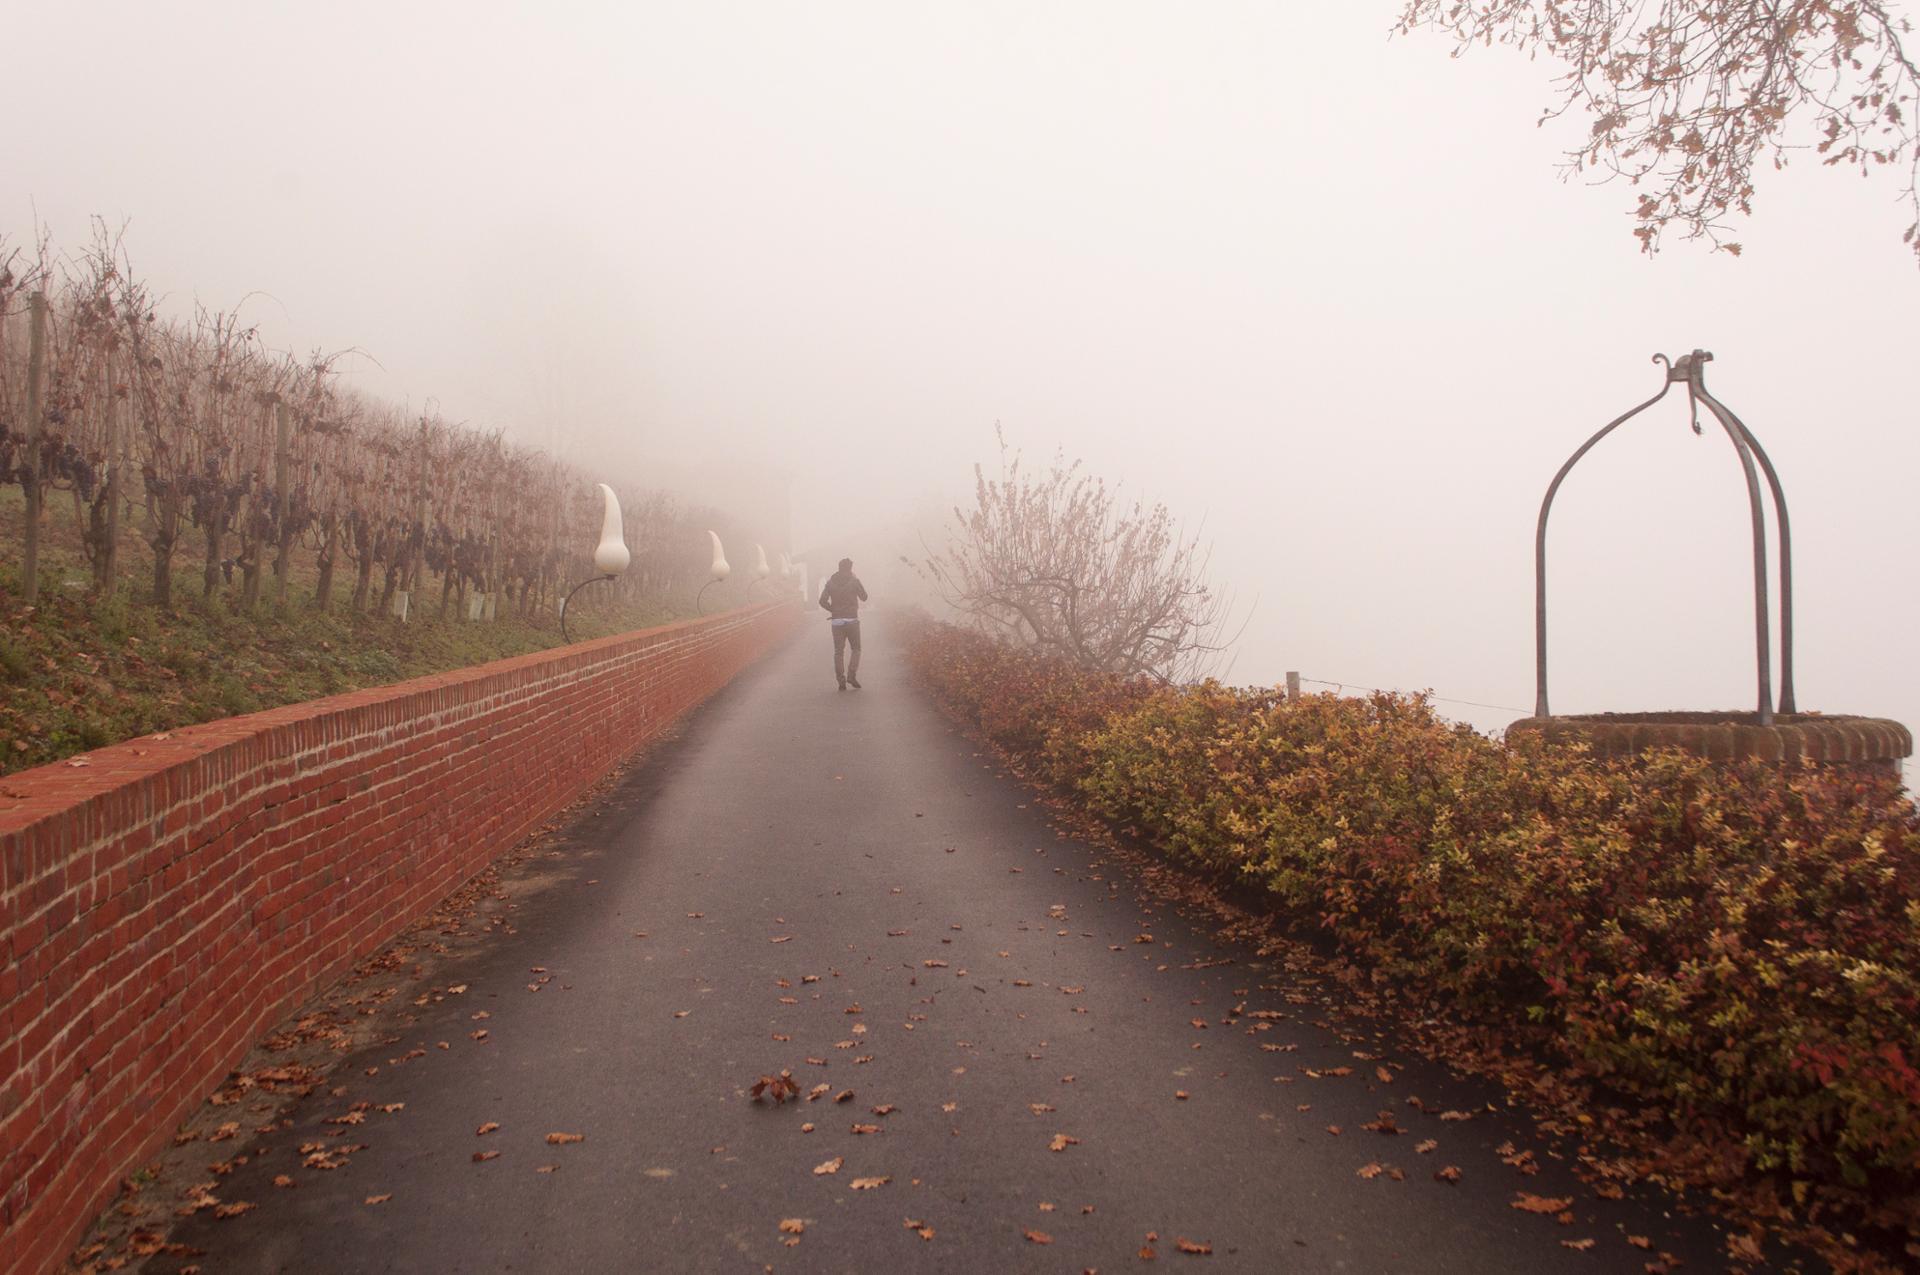 Balade automnale entre les ceps, dans la brume